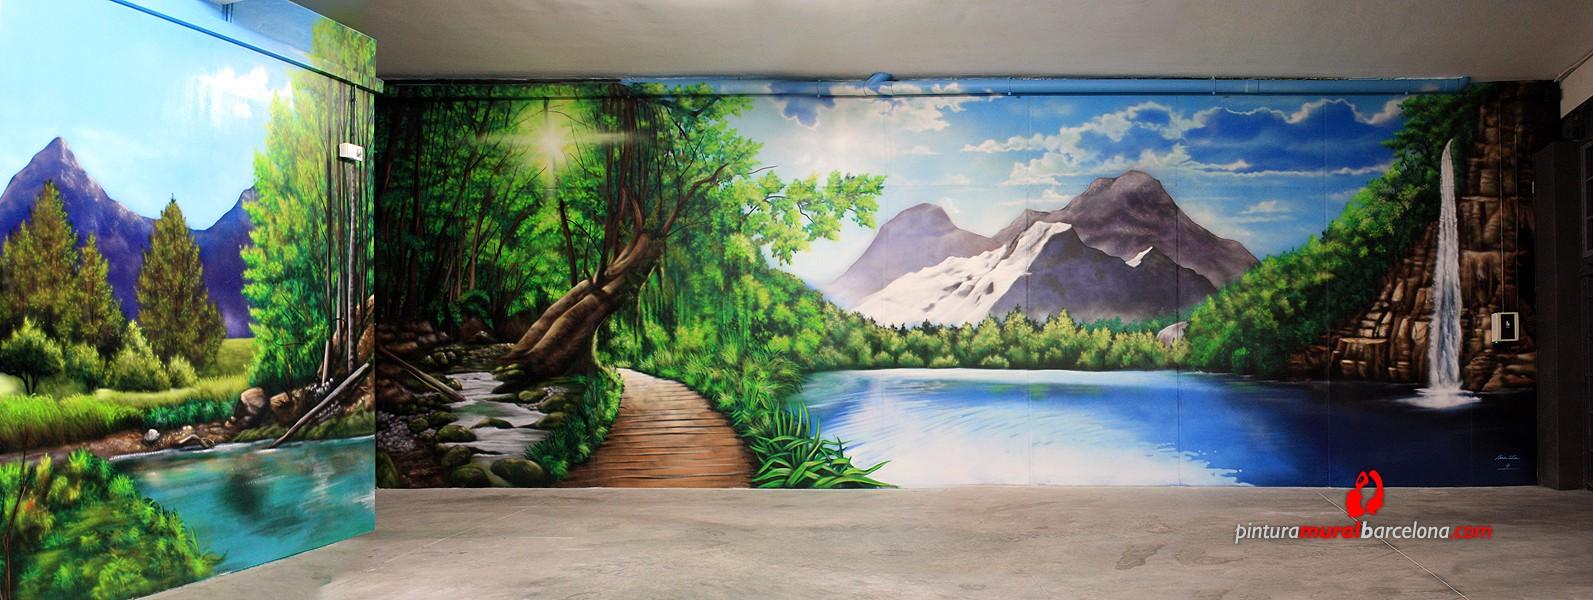 Pintura mural barcelona mateo lara murales for Immagini di murales e graffiti